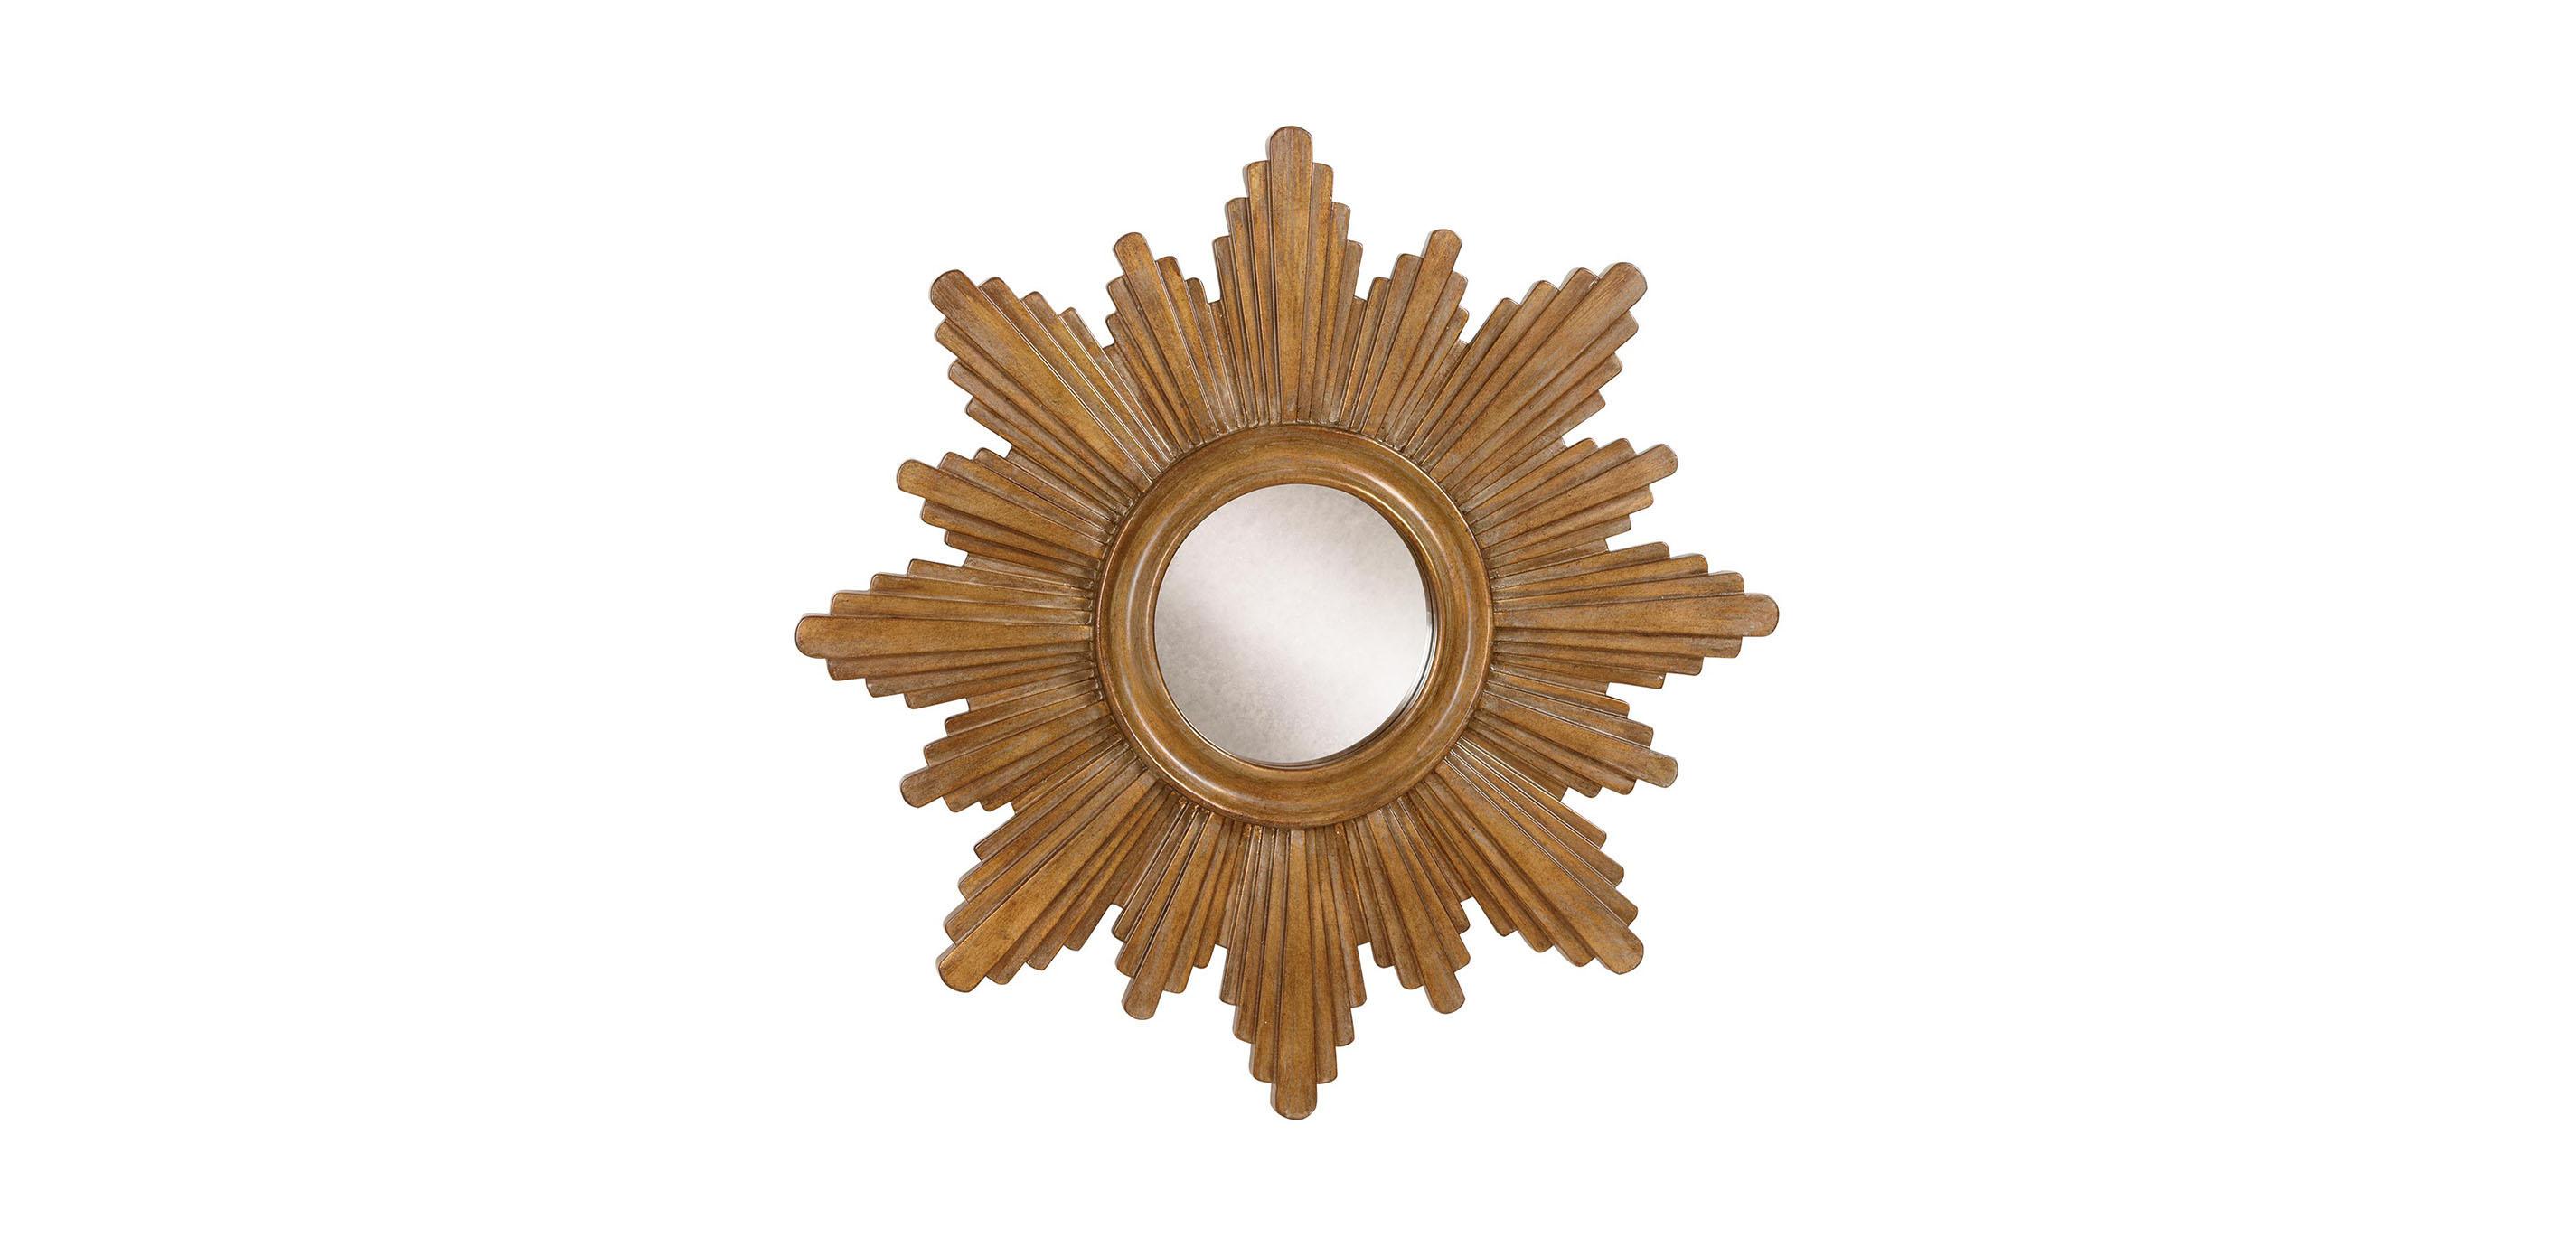 26 gold sunburst mirror mirrors ethan allen for Sunburst mirror